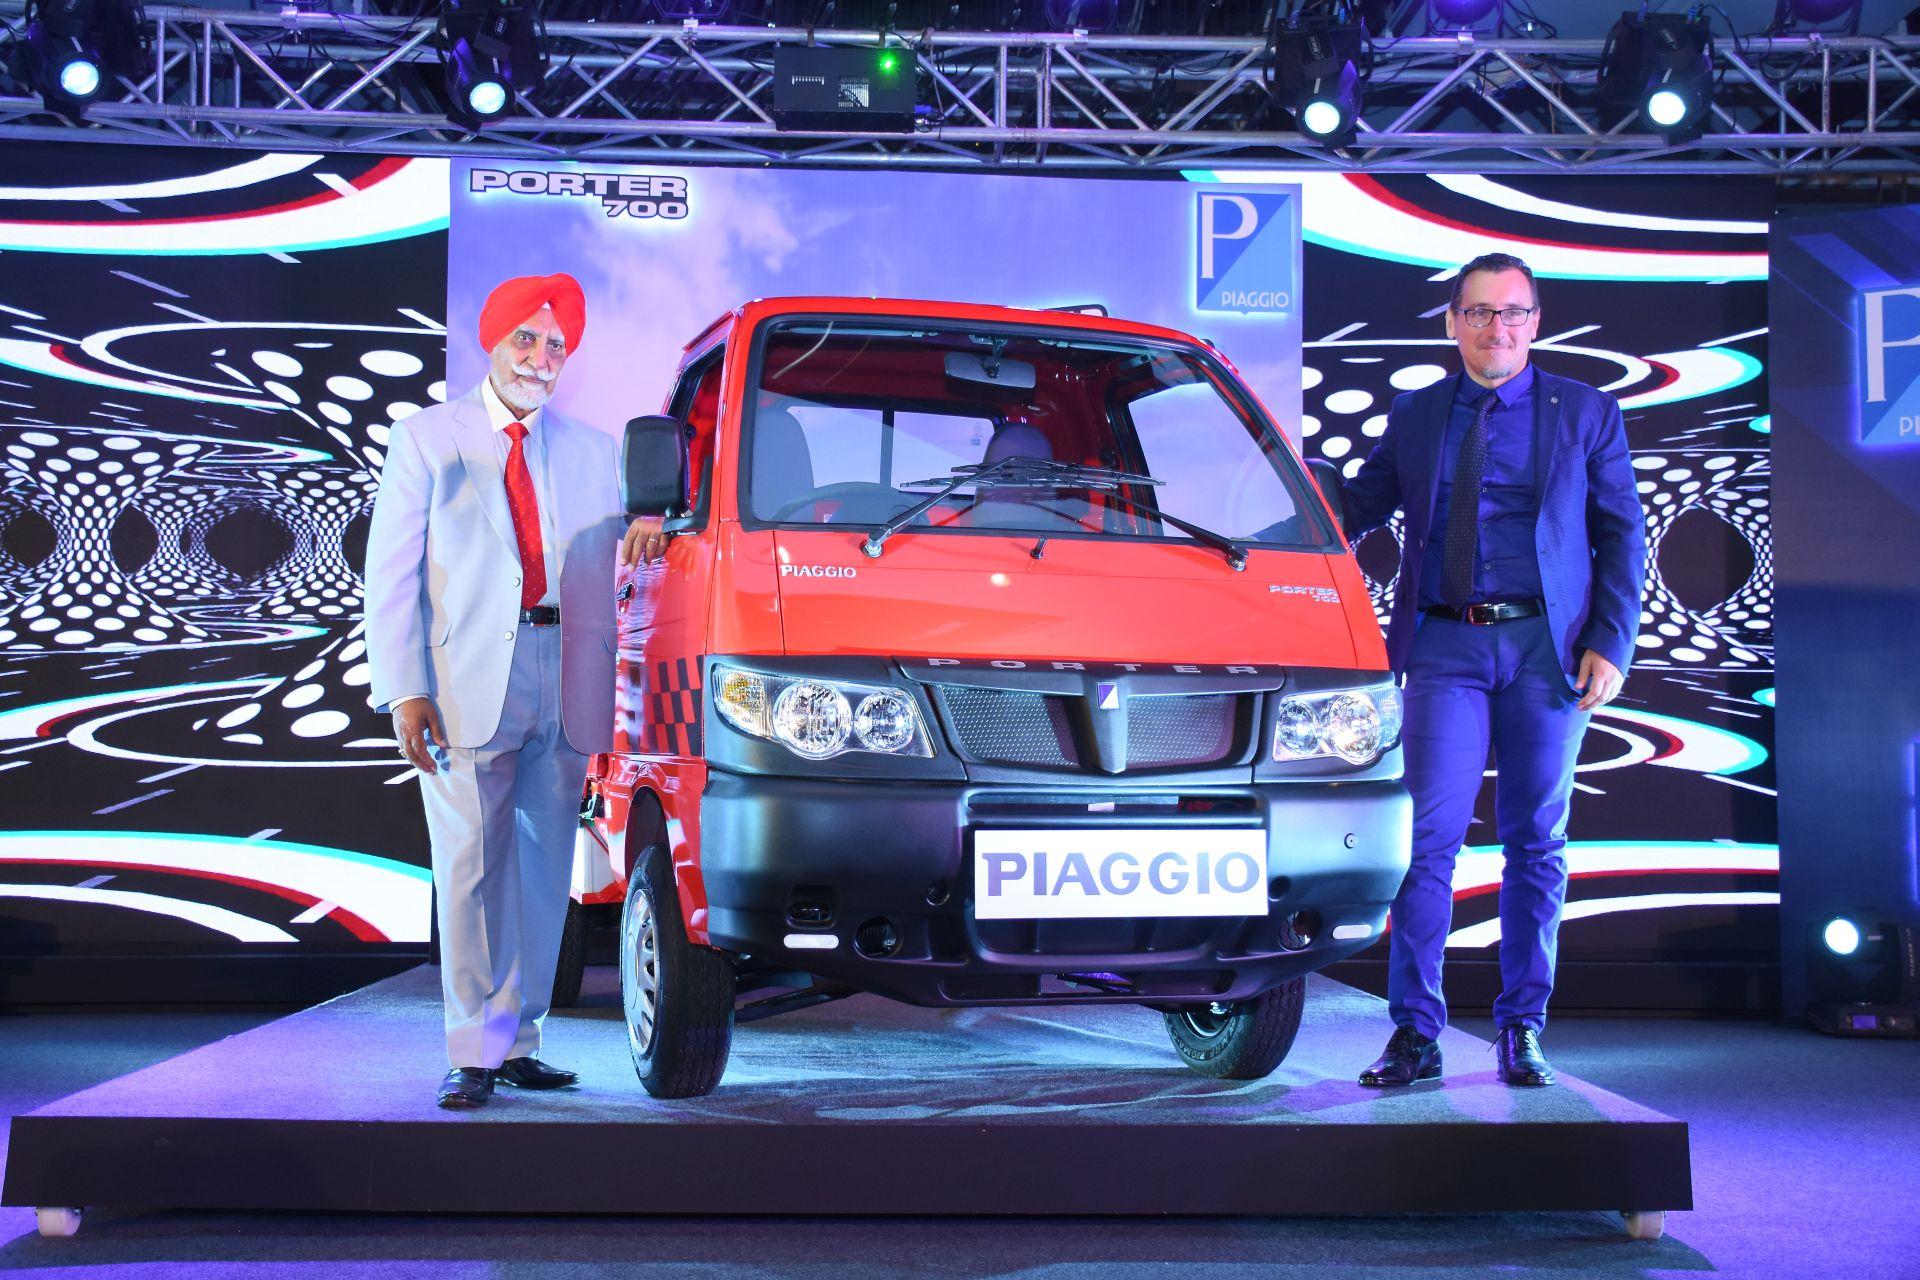 Piaggio launches the next generation Porter 700